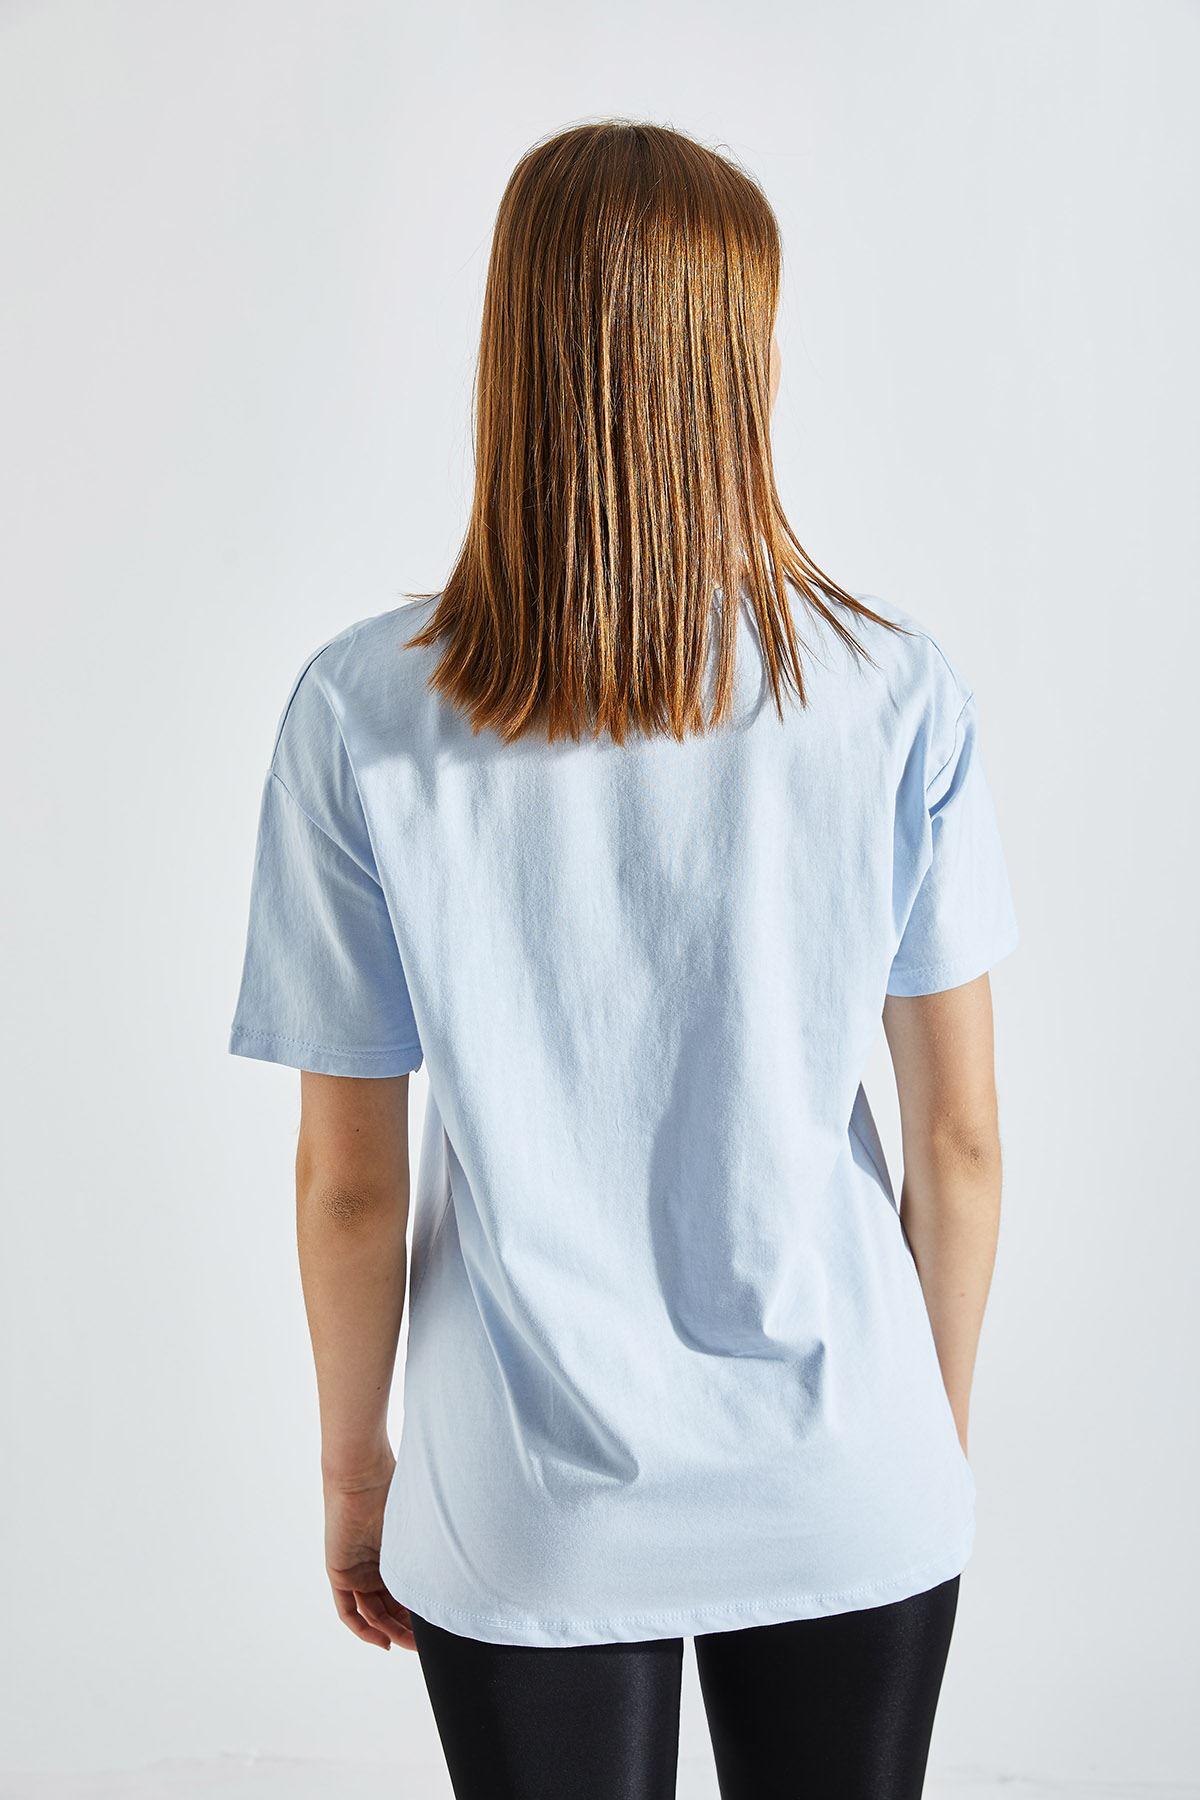 Kadın Baskılı Mavi Tişört